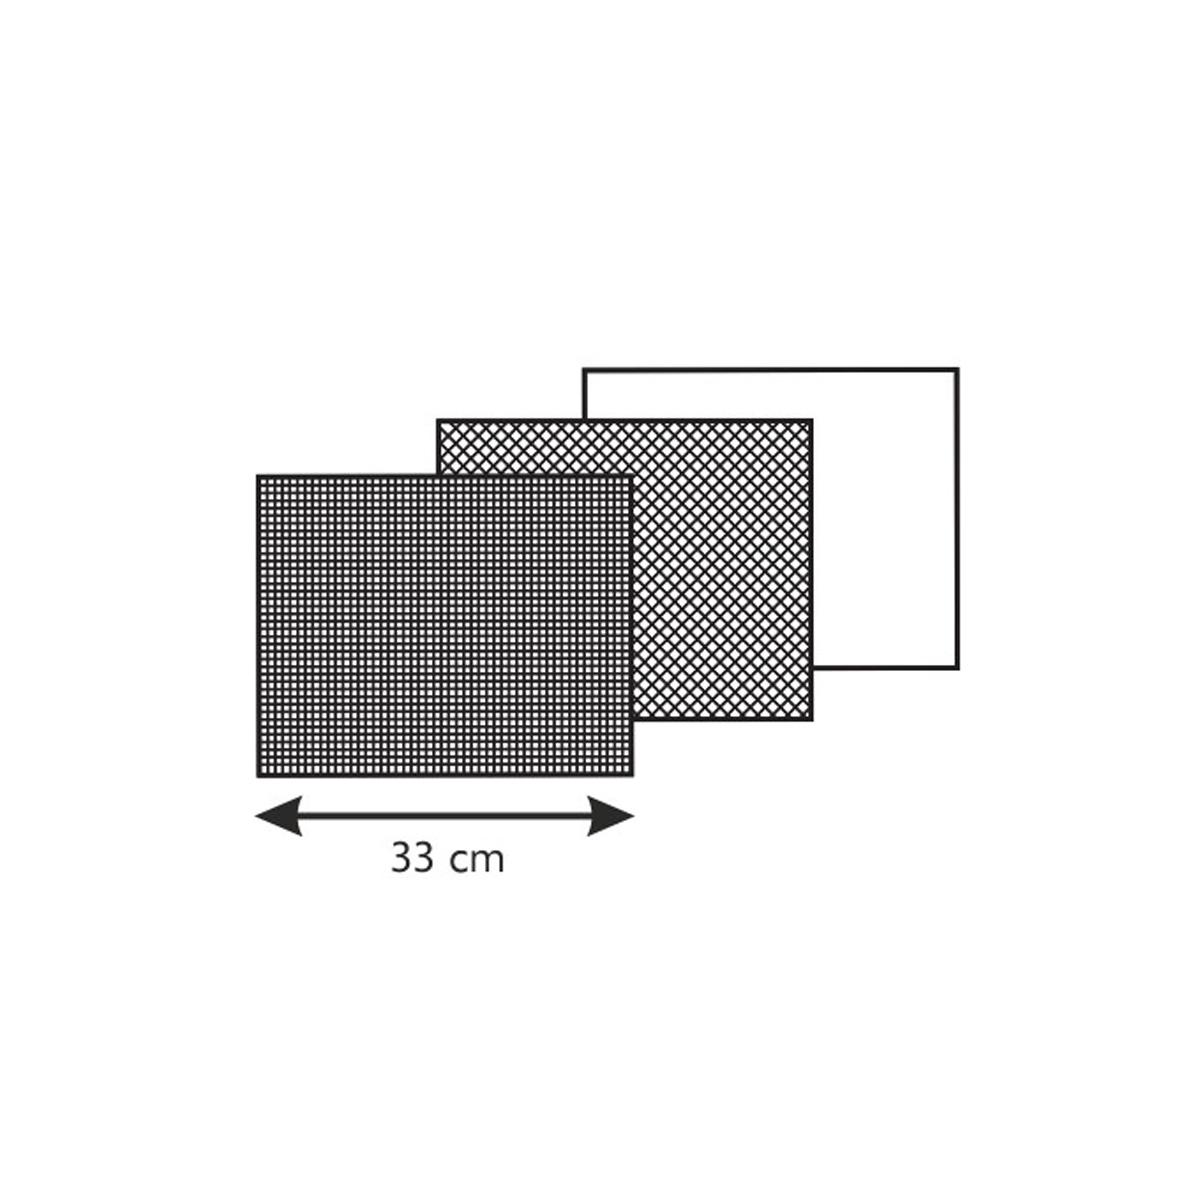 Utěrky do domácnosti CLEAN KIT, souprava 3 ks